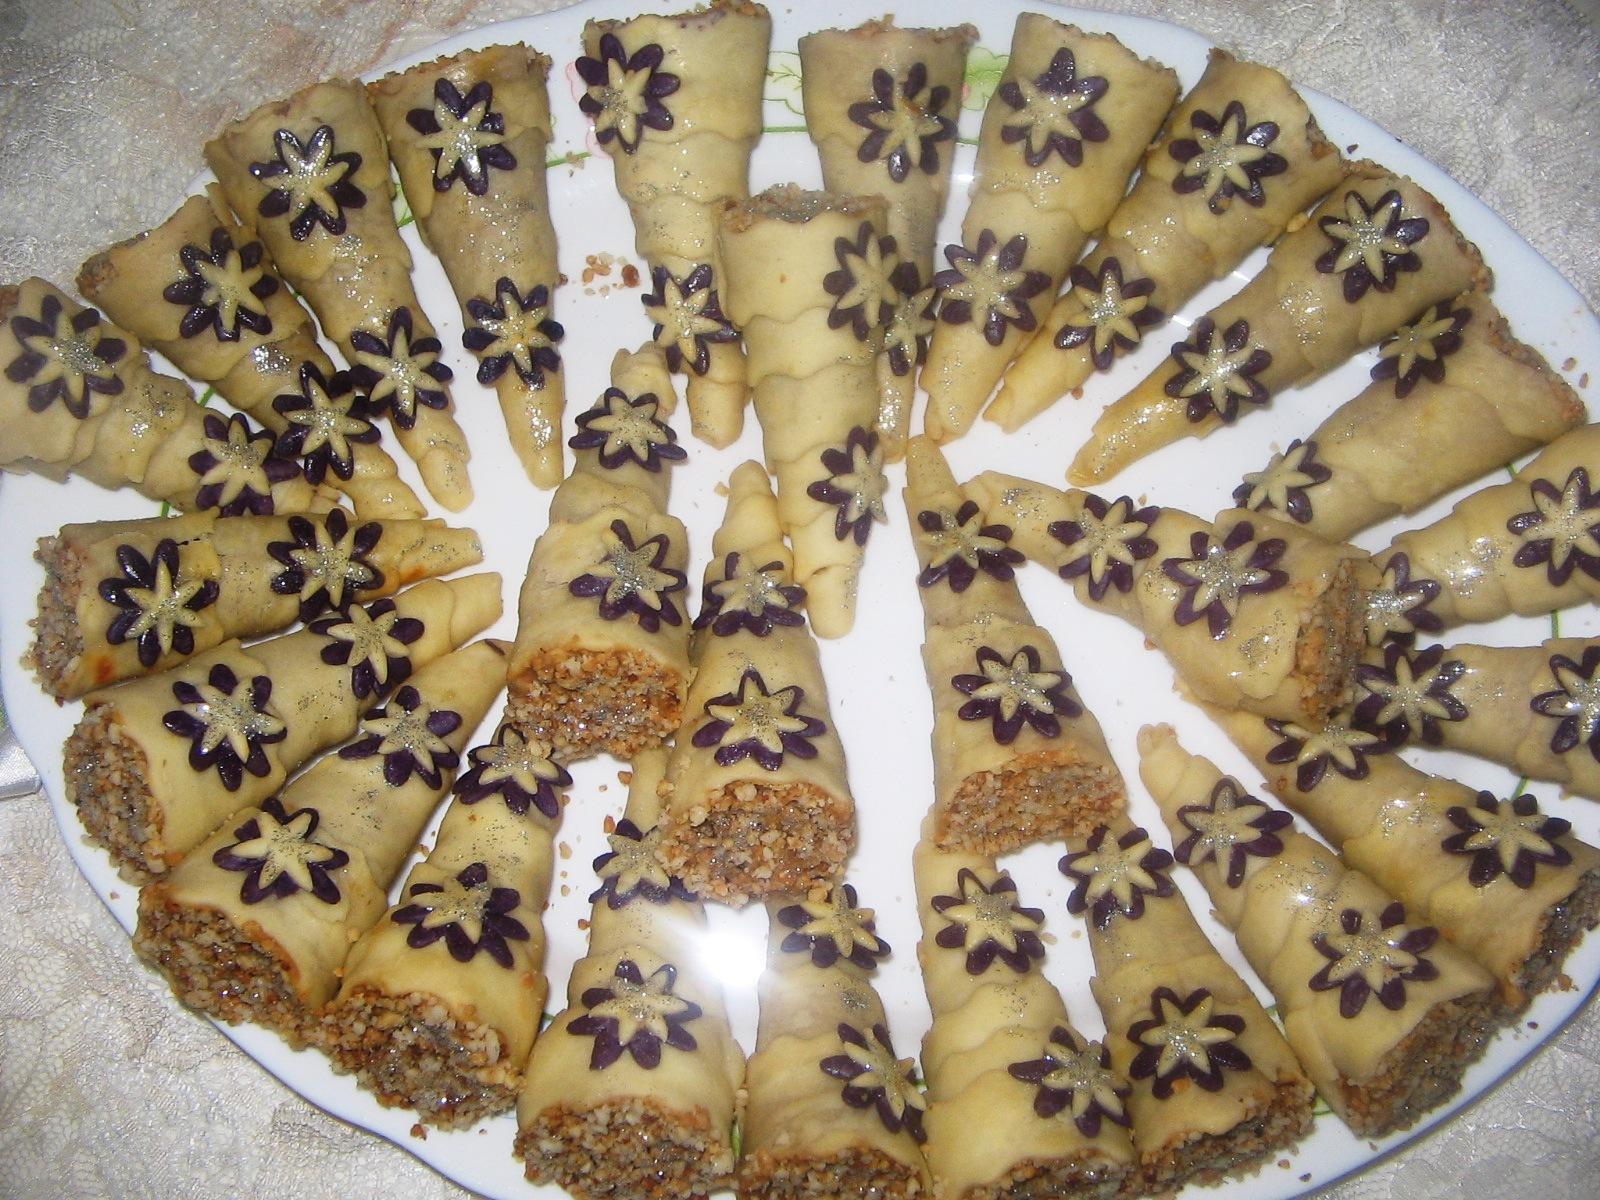 صوره حلويات العيد الجزائرية , اشهى انواع الحلويات الجزائرية في العيد